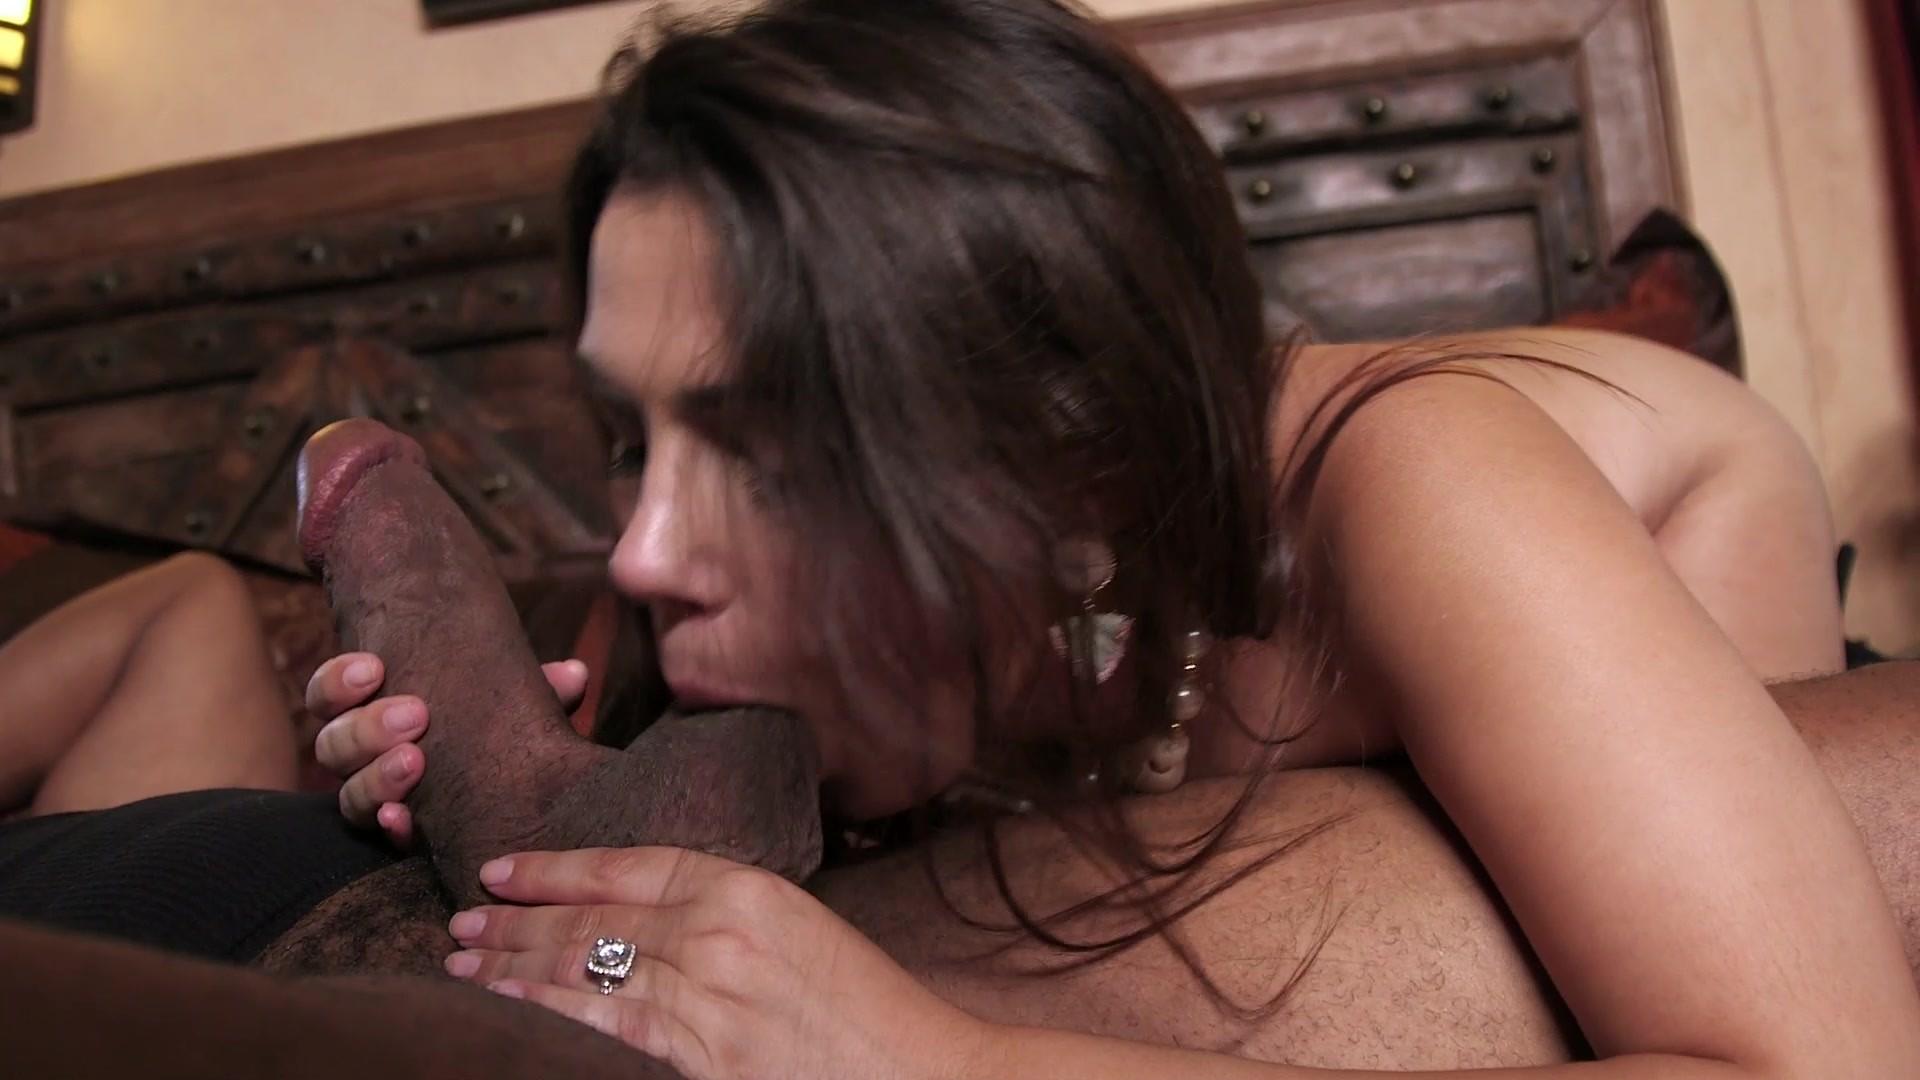 Шейн дизель рогоносцы порно, Шейн Дизель Рогоносец - Bub Porn -порно видео 19 фотография